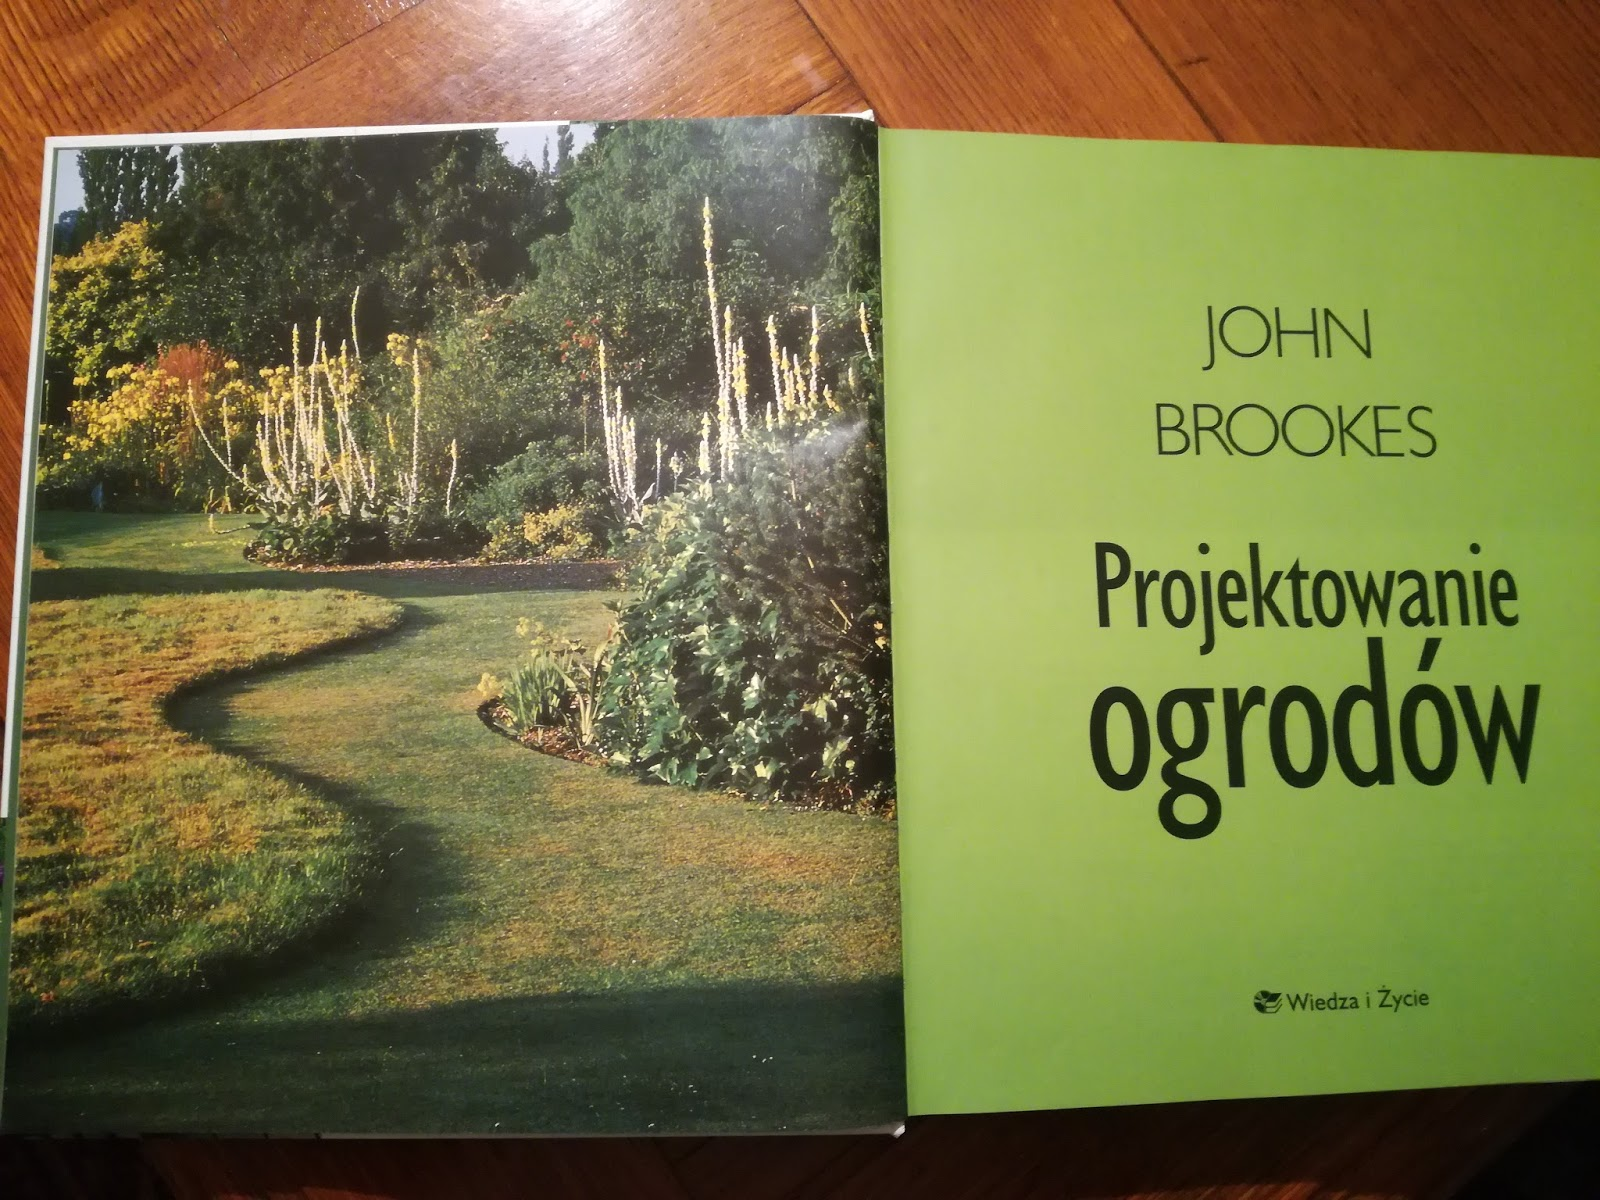 Ogród Tamaryszka John Brookes I Jego Książka Projektowanie Ogrodów